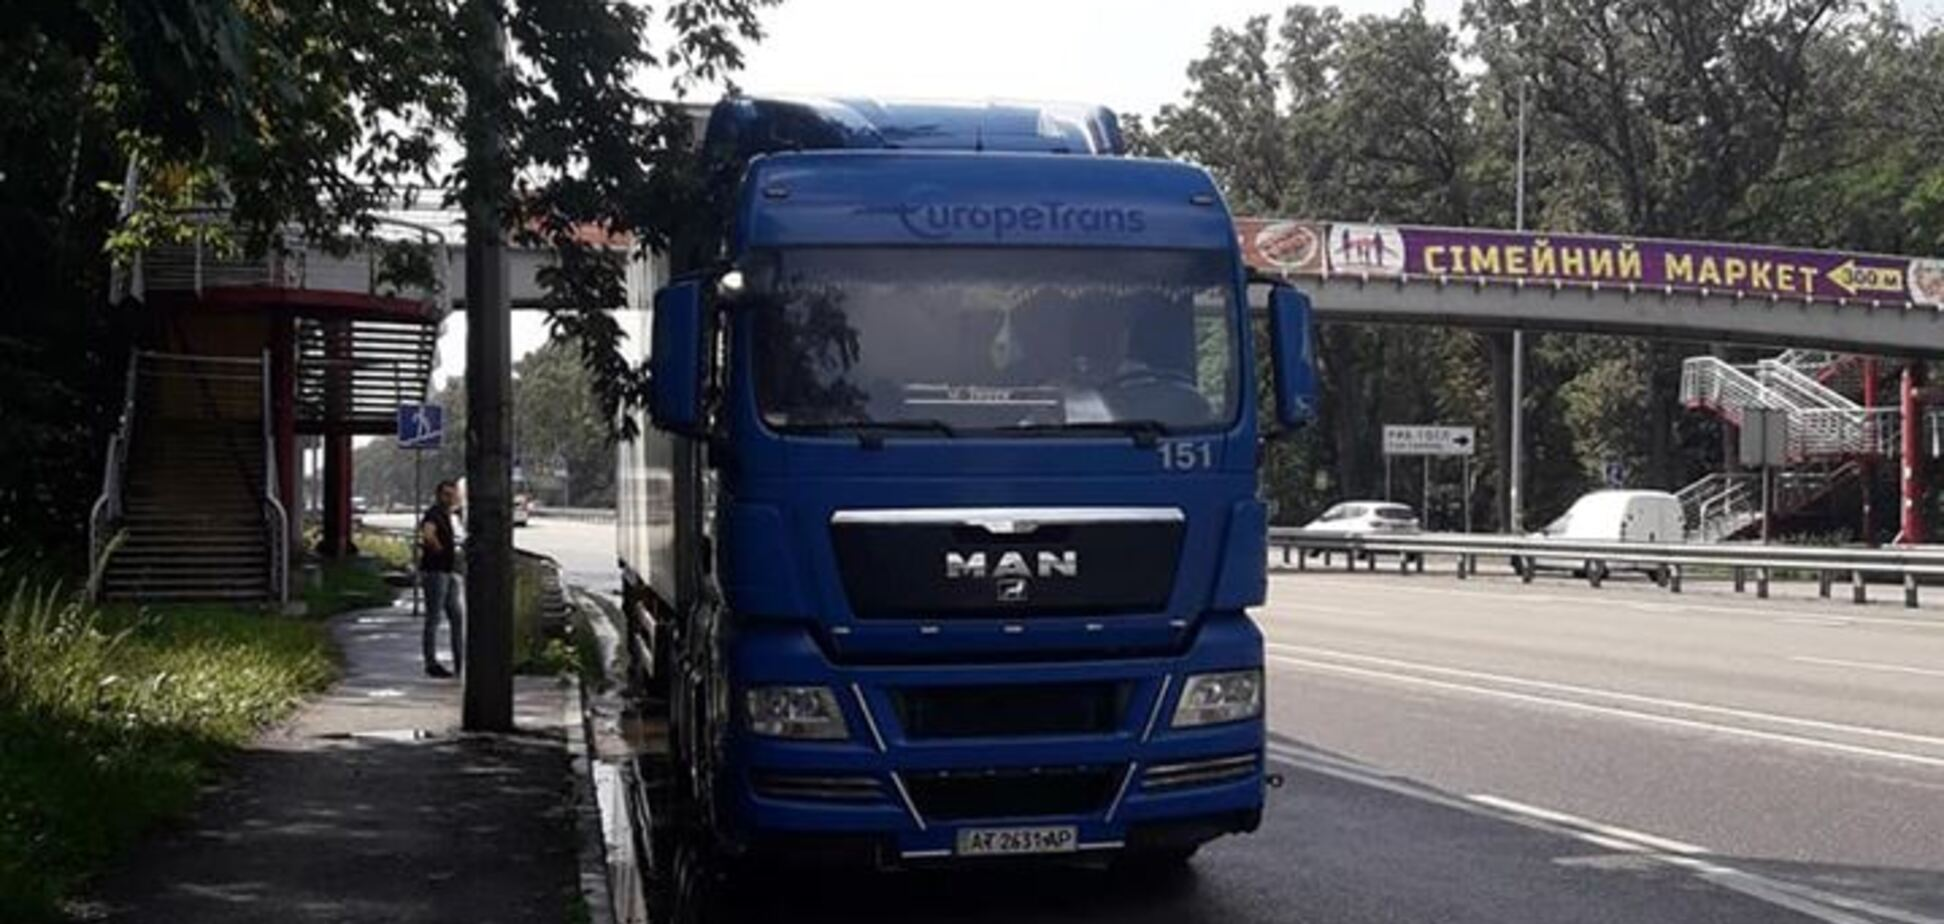 'Я на пять минут': автохам устроил дерзкую выходку в Киеве